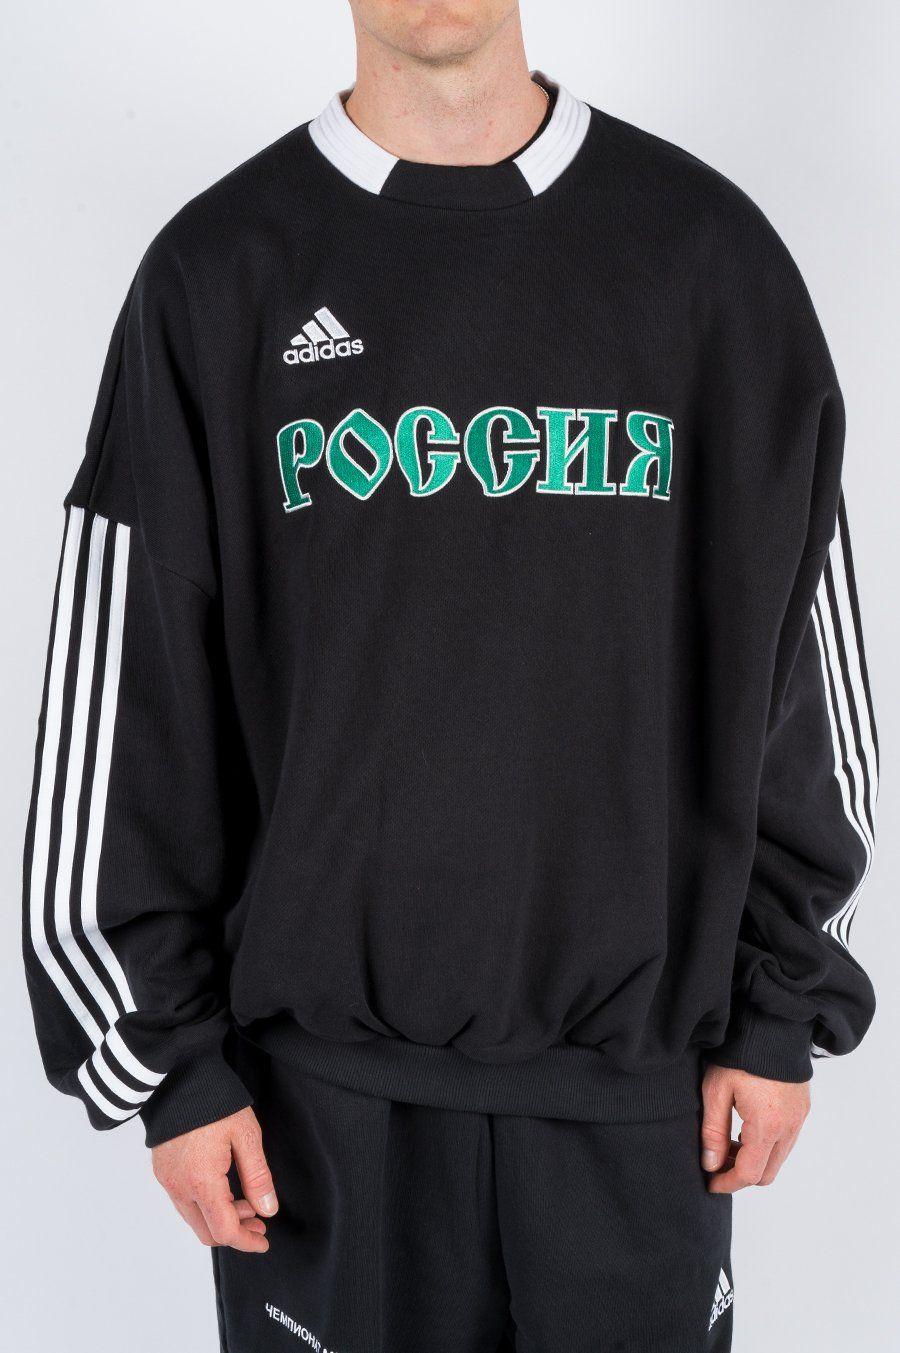 76166745c1 Gosha rubchinskiy x adidas sweat top fa18 black   Products   Adidas ...